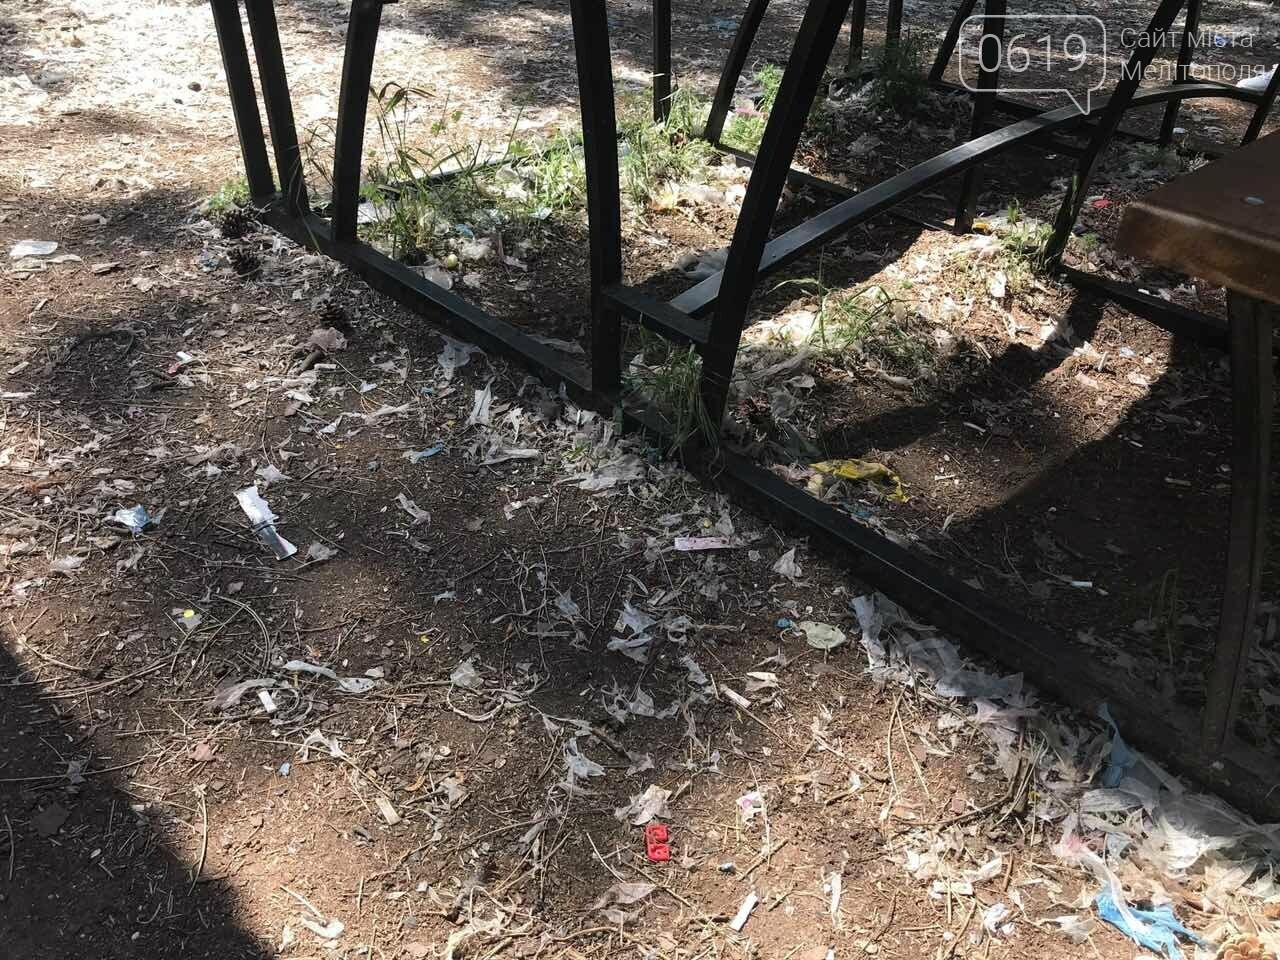 Мелитопольский лесопарк вновь превратили в свалку, фото-4, Фото сайта 0619